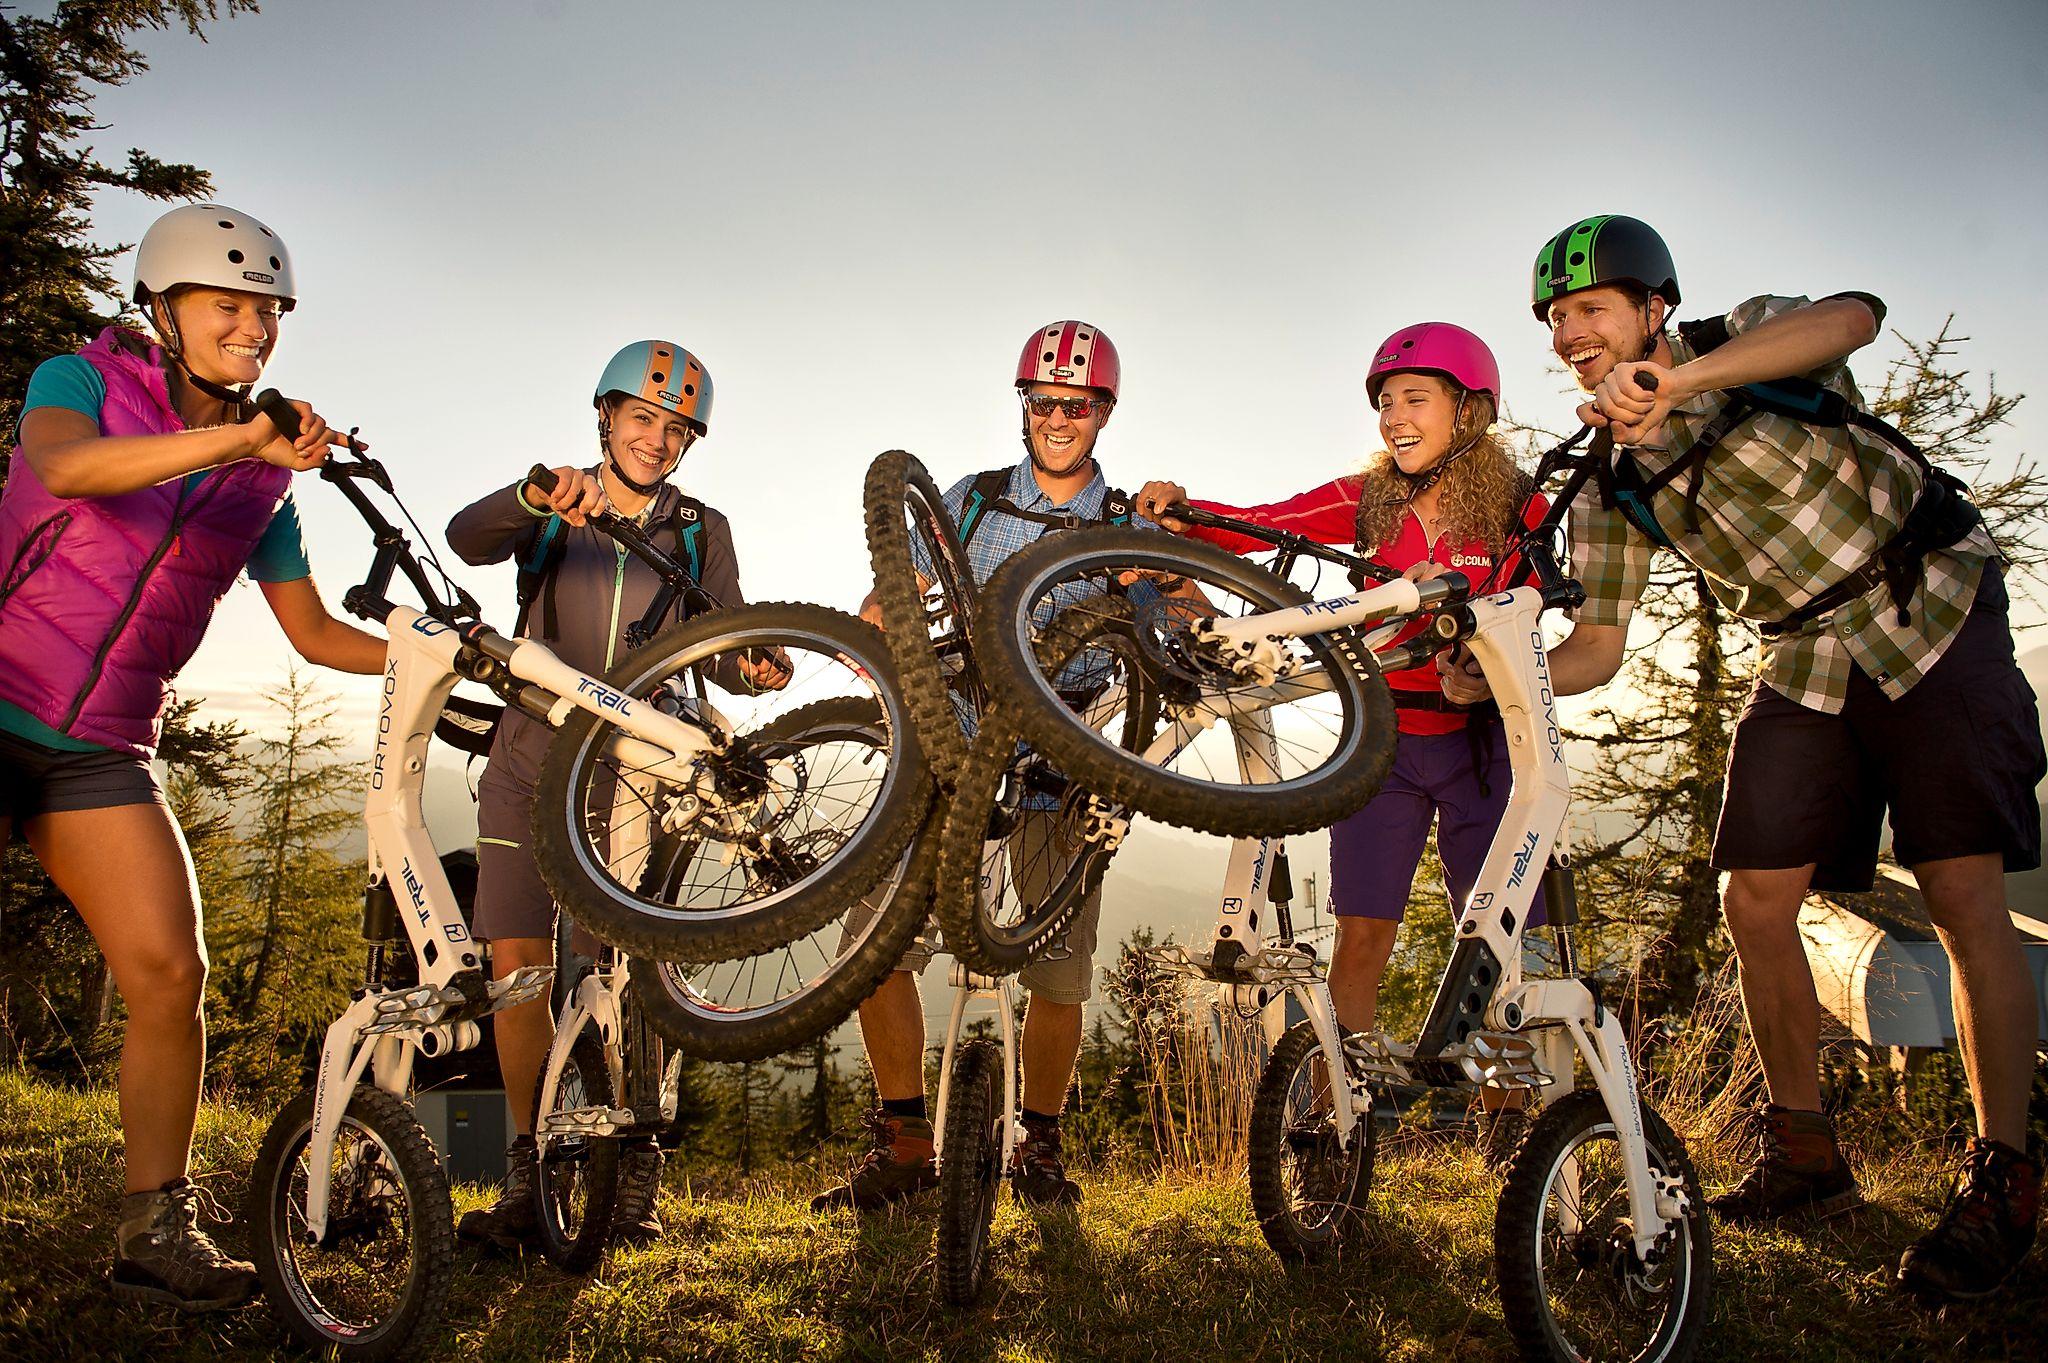 <p>Gruppenfoto mit den faltbaren Fahrrädern bei Sonnenaufgangsstimmung. </p>